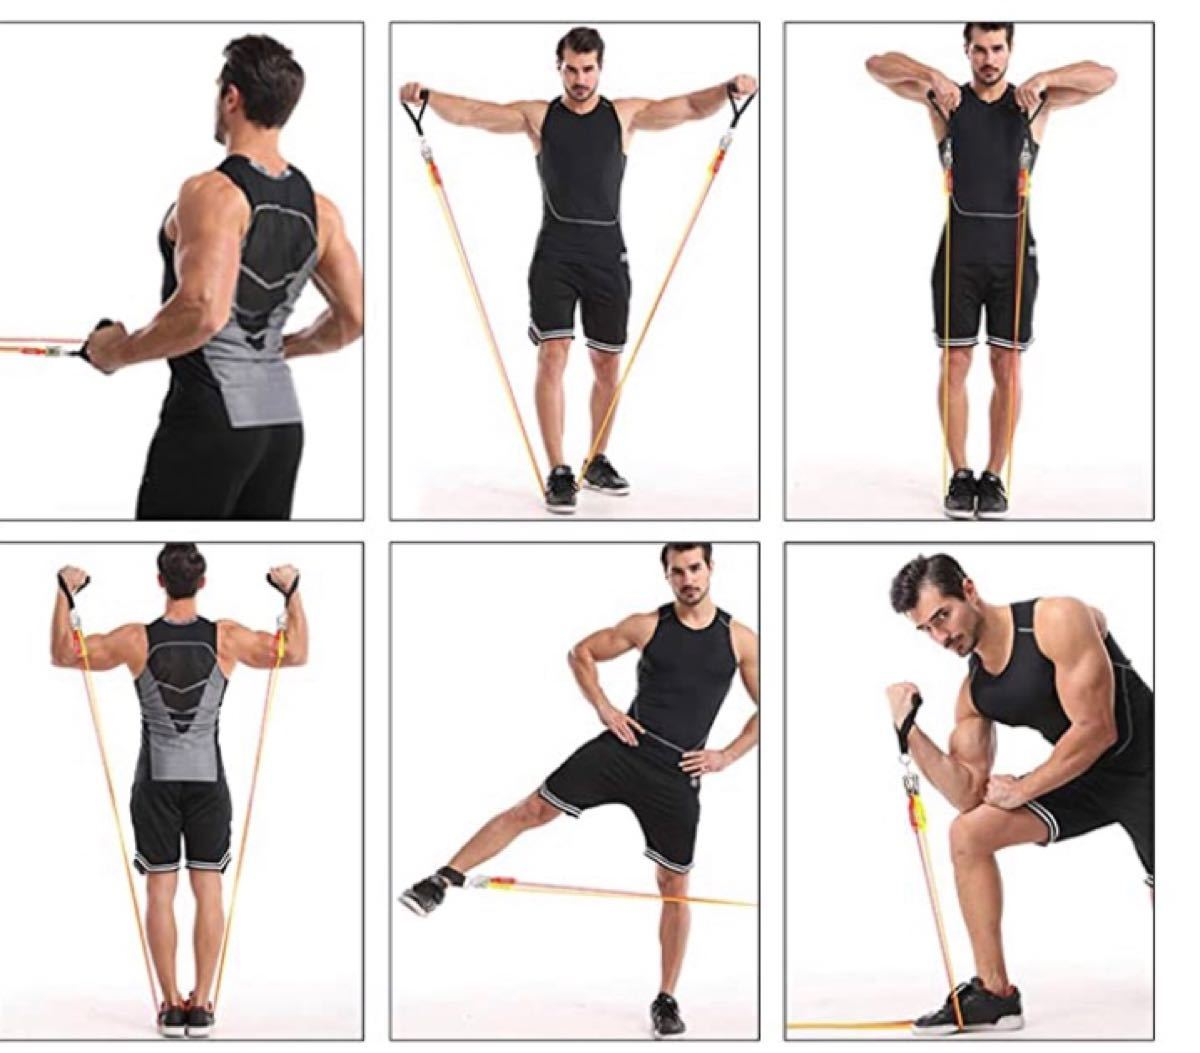 トレーニングチューブ 超強化 チューブトレーニング 腕、背中、脚、胸部腹部臀部用